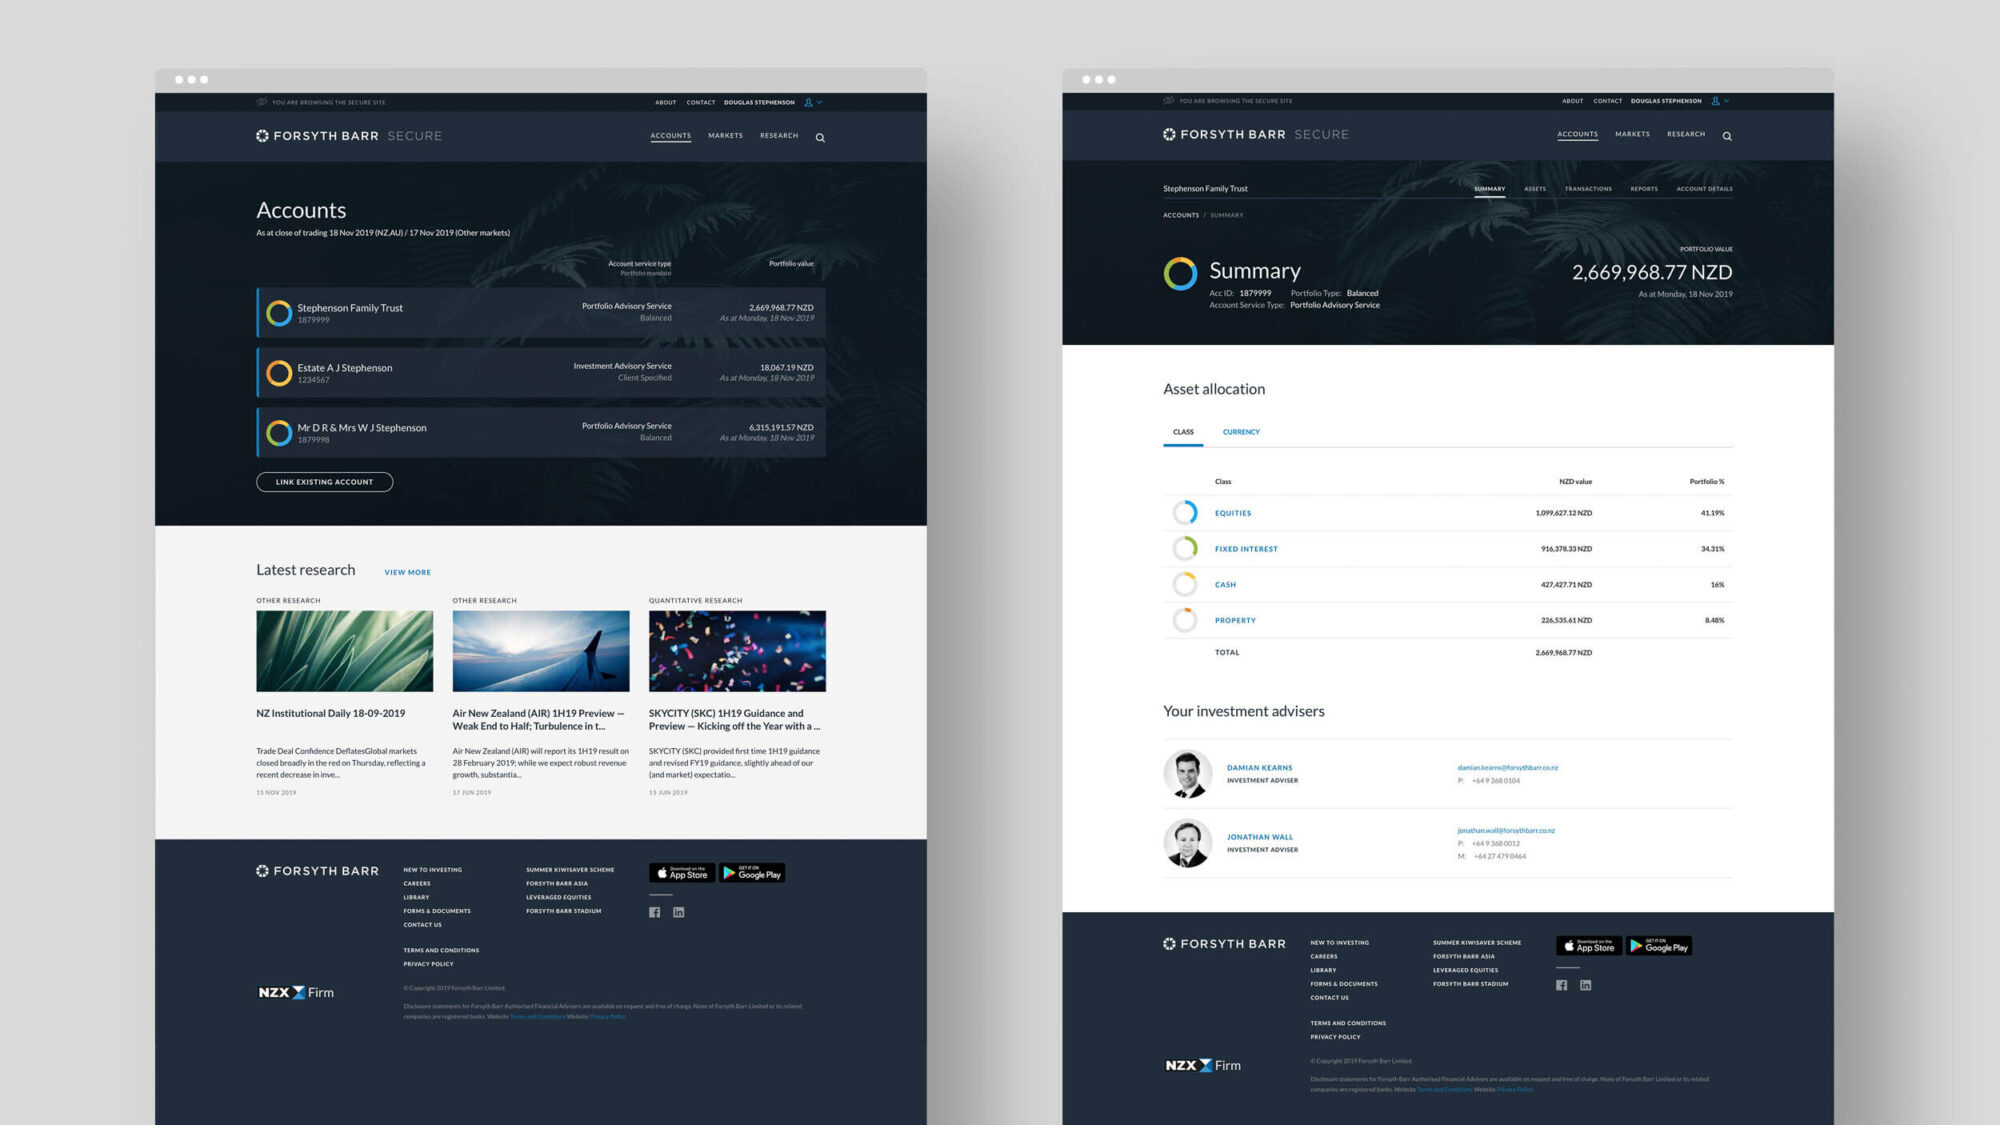 Forsyth Barr Website Design Layout